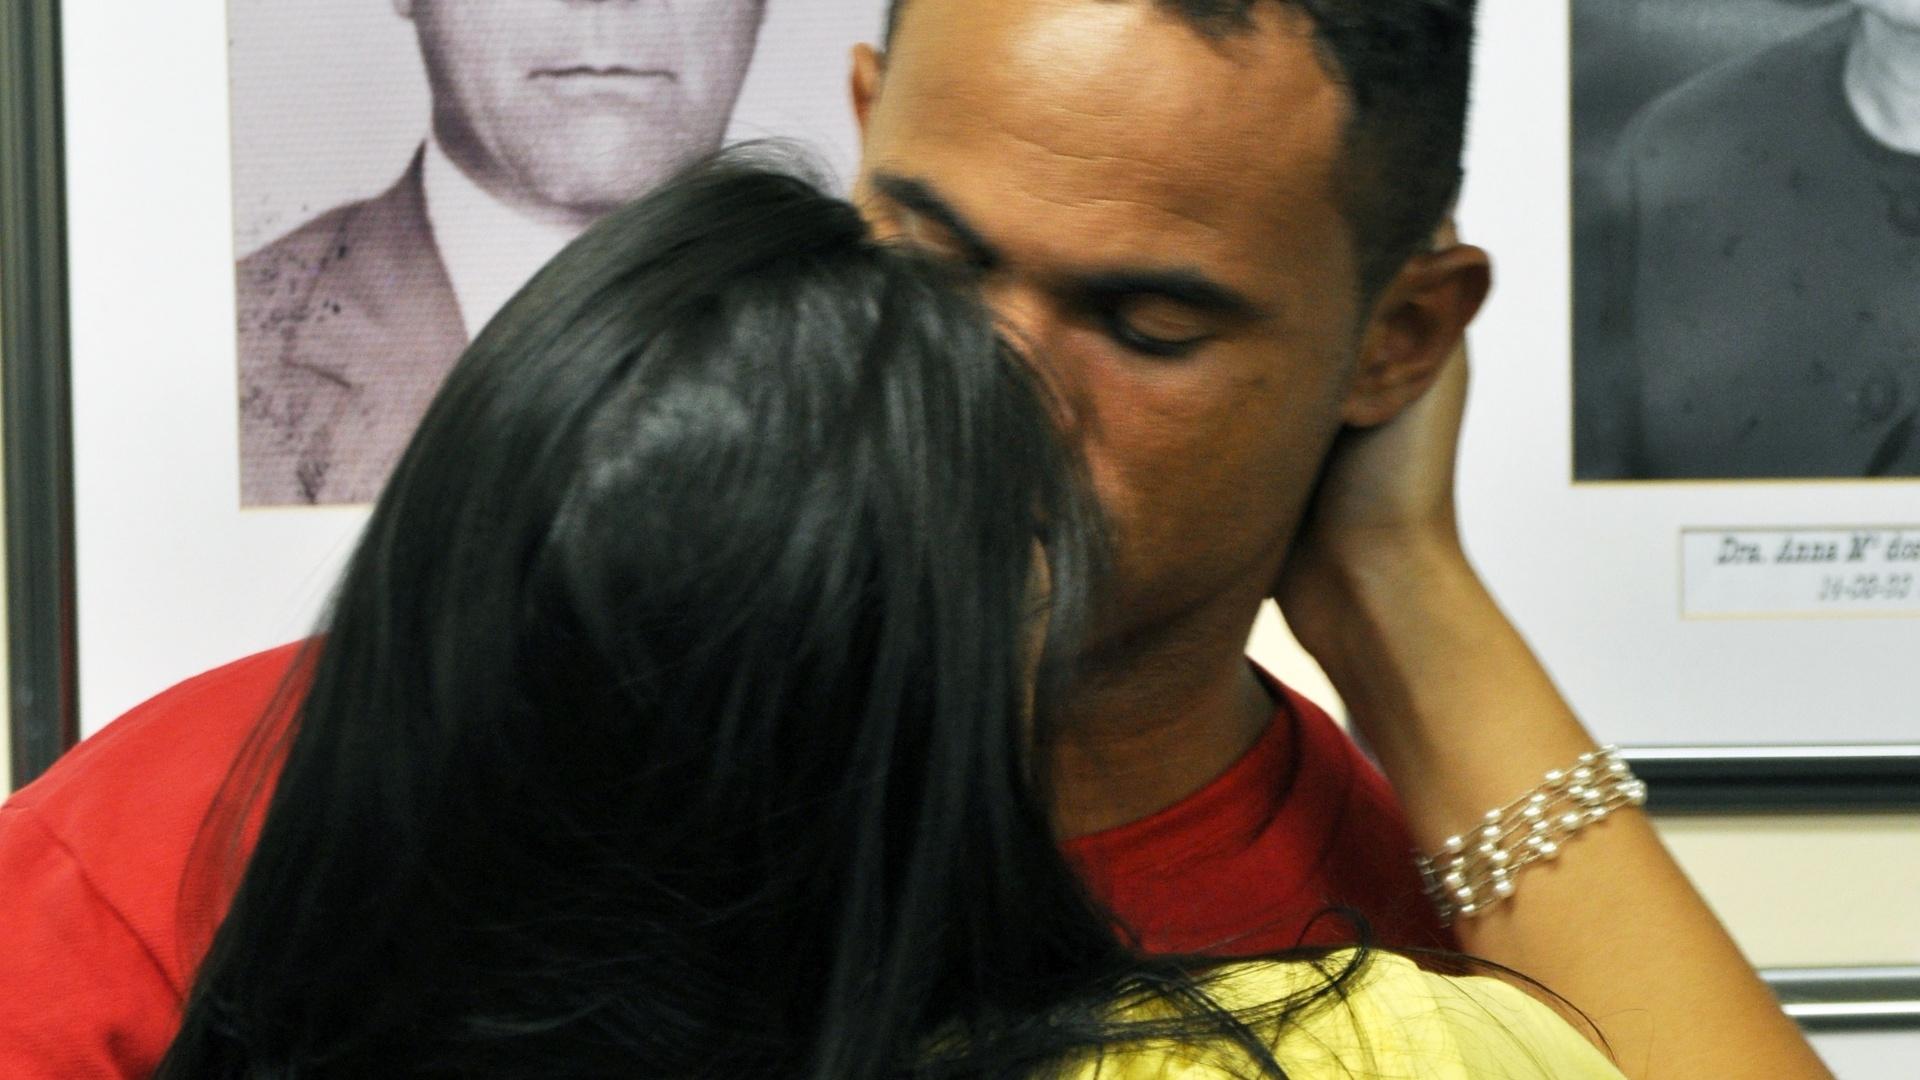 21.nov.2012 - Ao final da sessão de terça-feira (20), Ingrid Oliveira se dirigiu até Bruno, o abraçou e começou a acariciar seu cabelo. O goleiro devolveu o afeto, passando a mão nos cabelos da companheira. Em seguida, deram-se um beijo contido. A cena durou menos de dois minutos